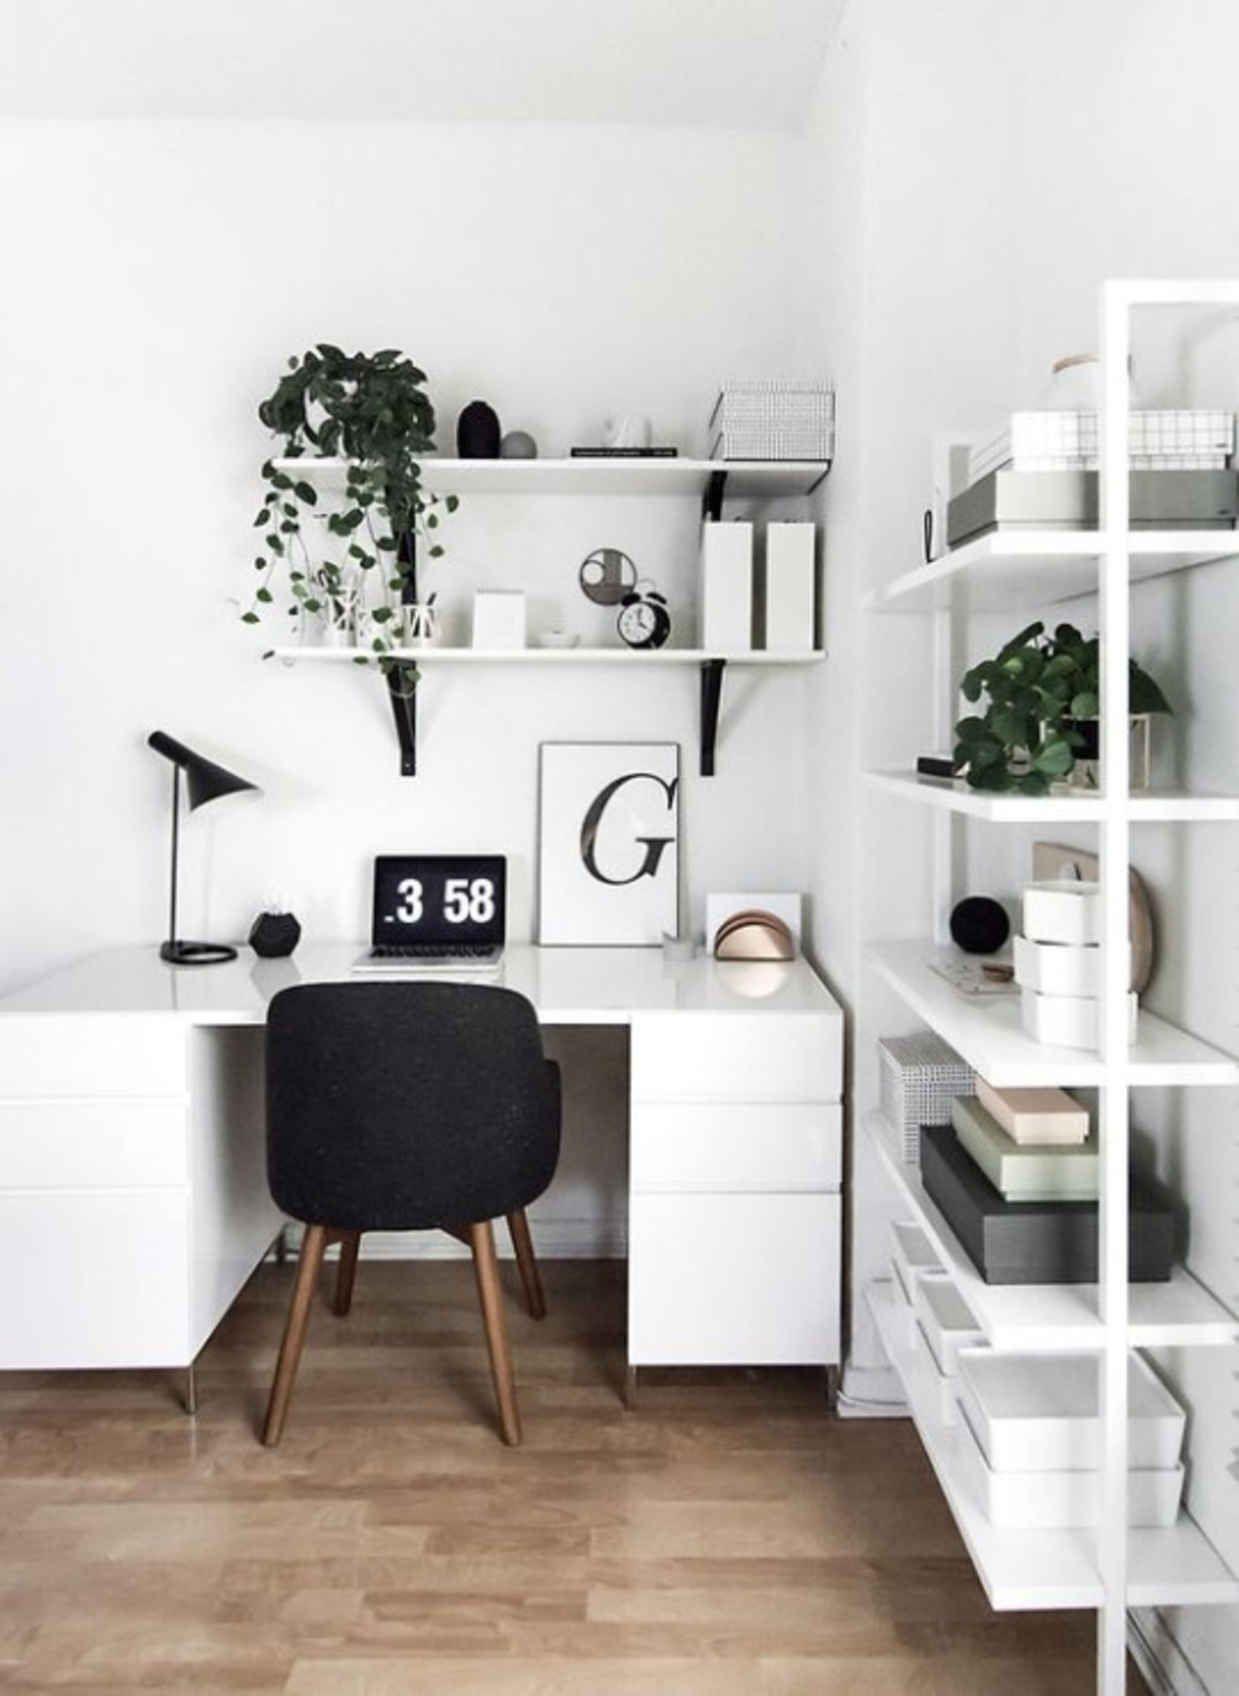 Minimal Interior Design Inspiration #62 Interior Design